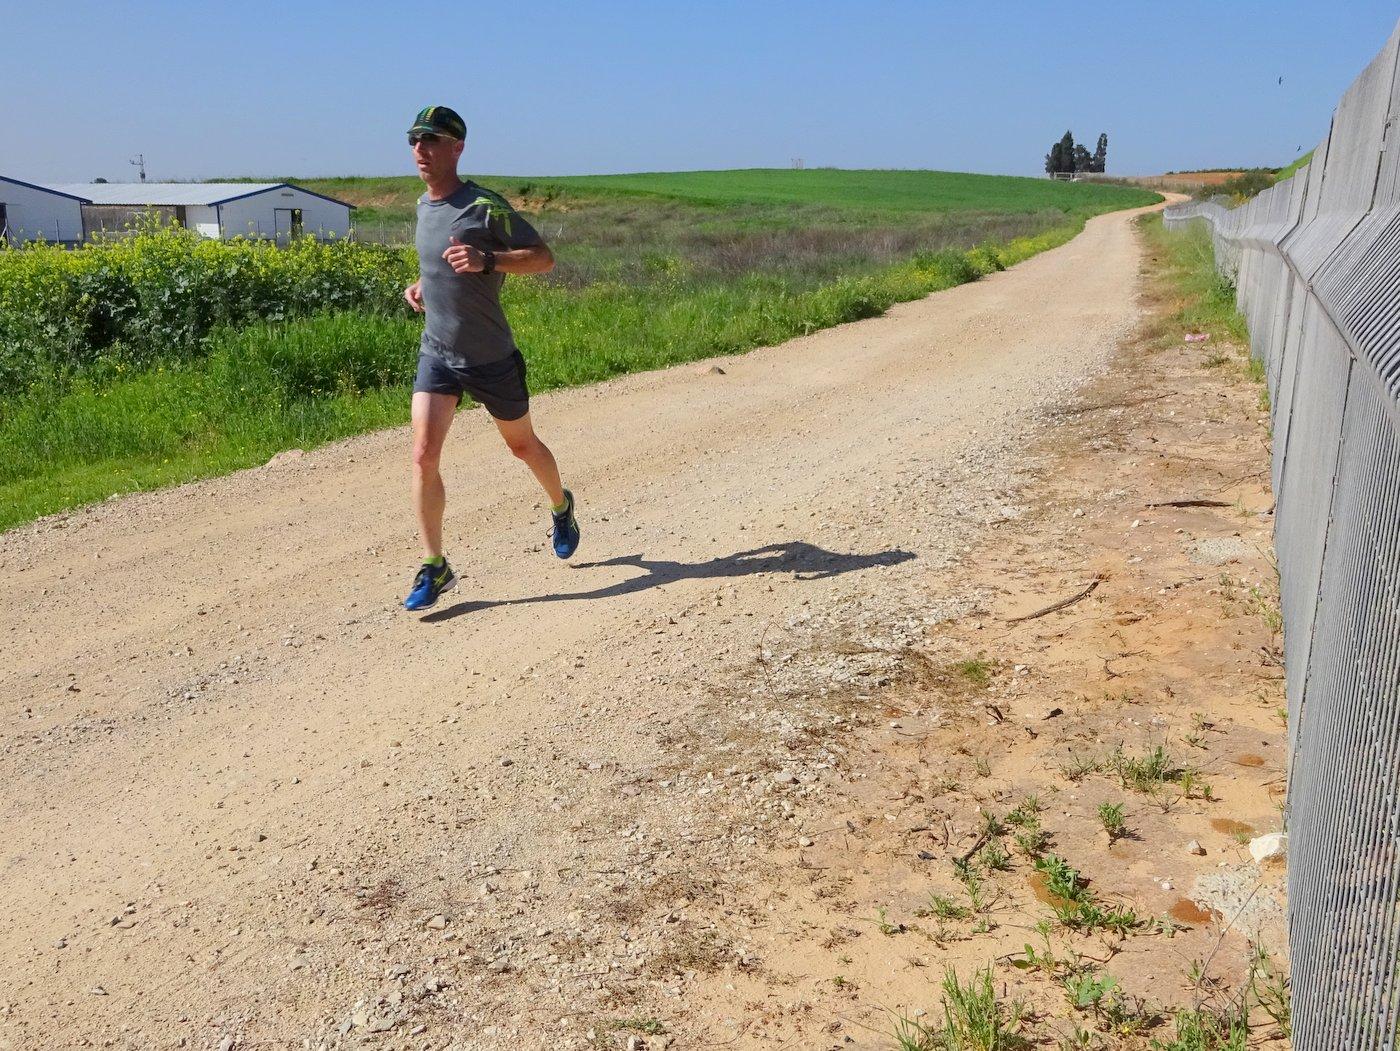 ריצה למרחקים ארוכים - שיטות אימון